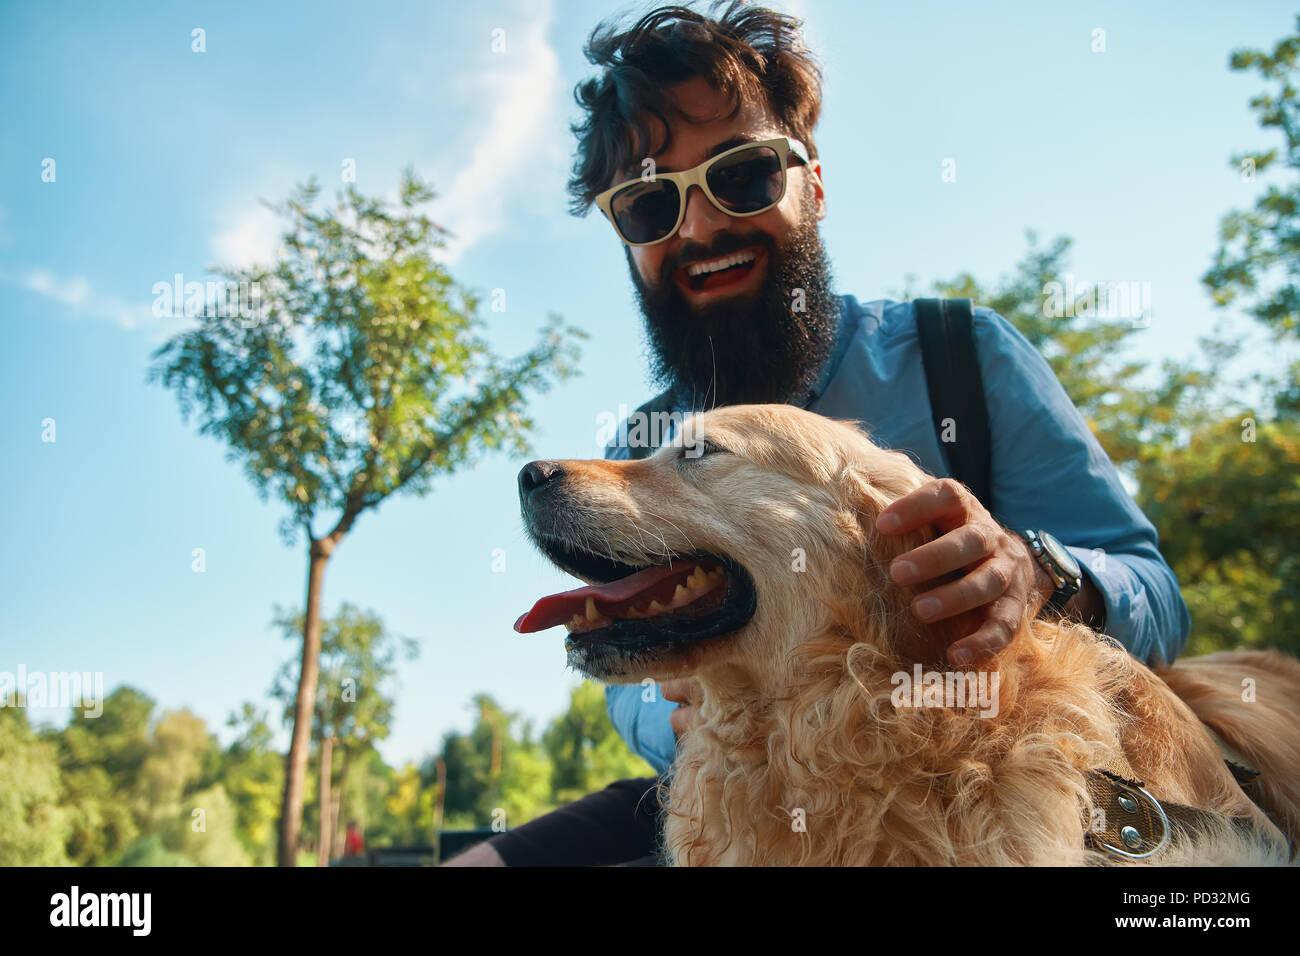 L'homme et le chien s'amusant, jouer, faire des grimaces pendant que restin Photo Stock